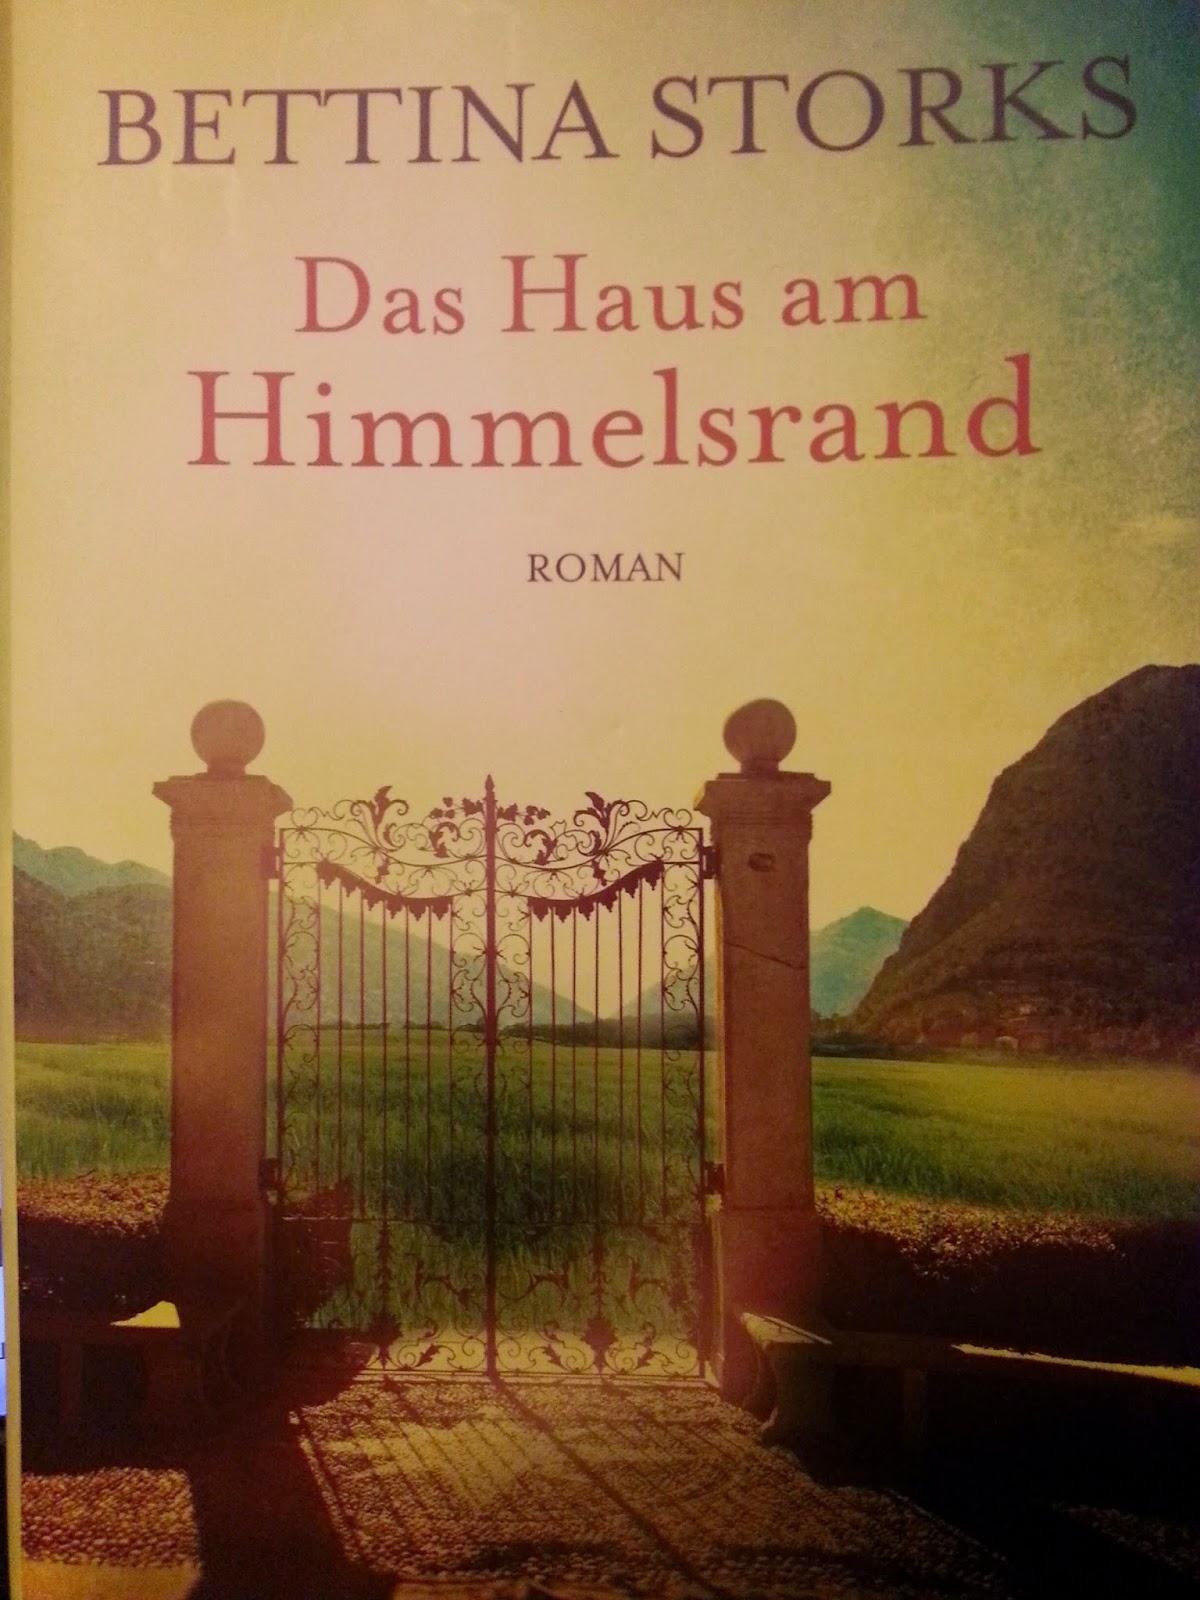 http://claudiasbuchstabenhimmel.blogspot.de/2014/12/das-haus-am-himmelsrand-von-bettina.html